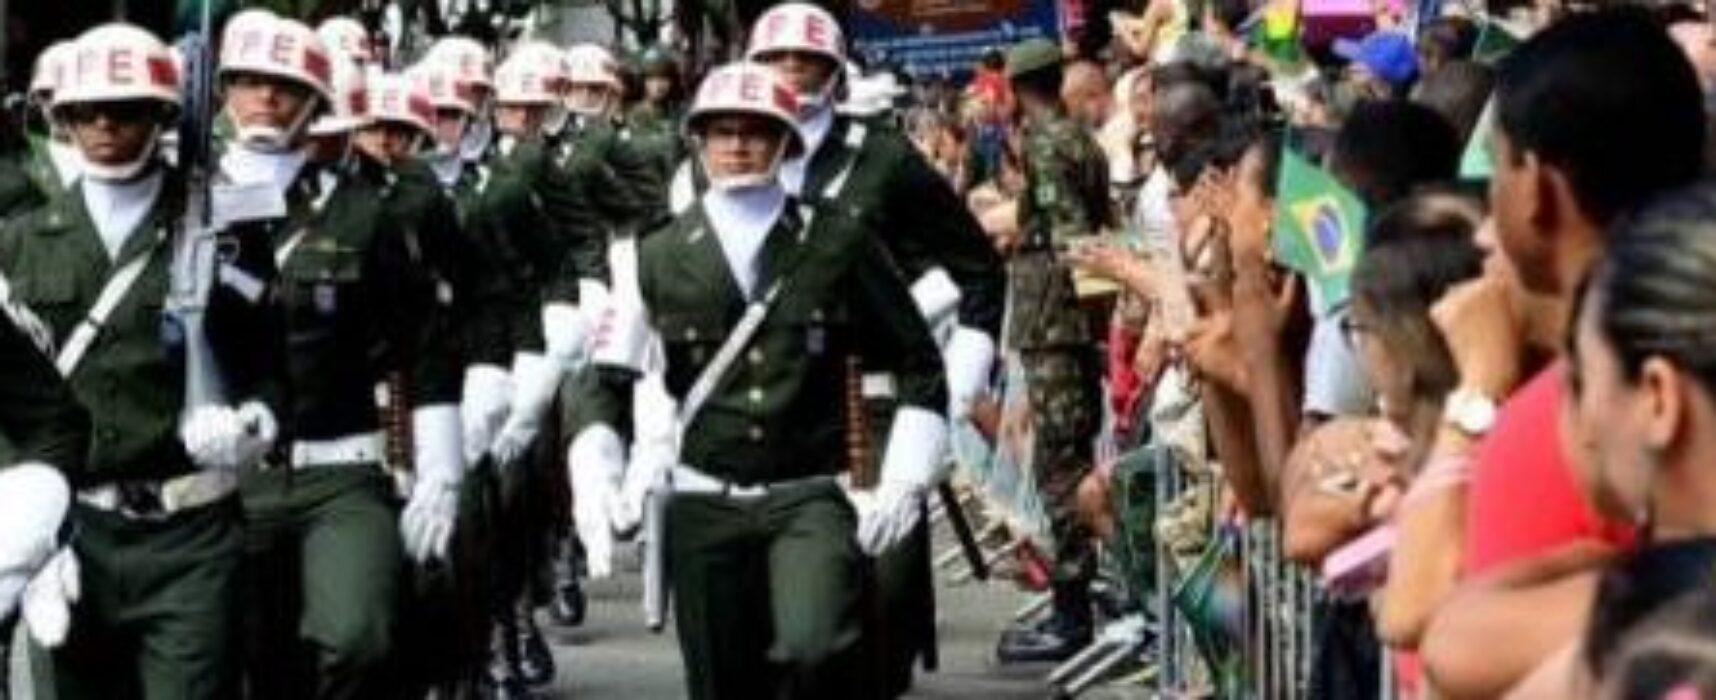 7 de setembro não terá desfile cívico